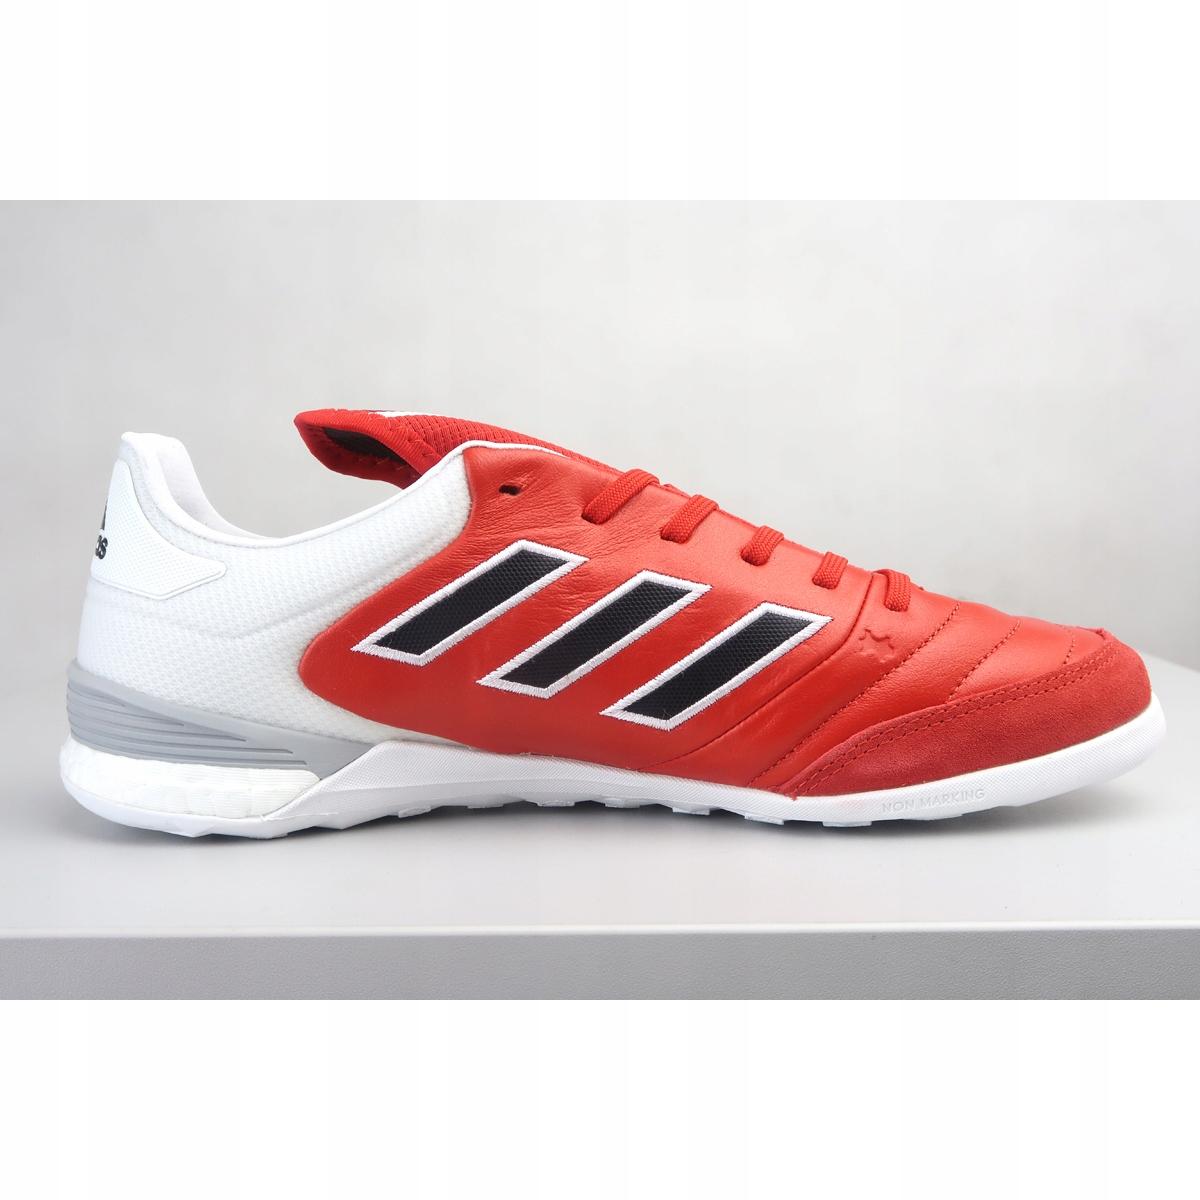 Buty halowe Adidas COPA TANGO 17.1 IN BB3561